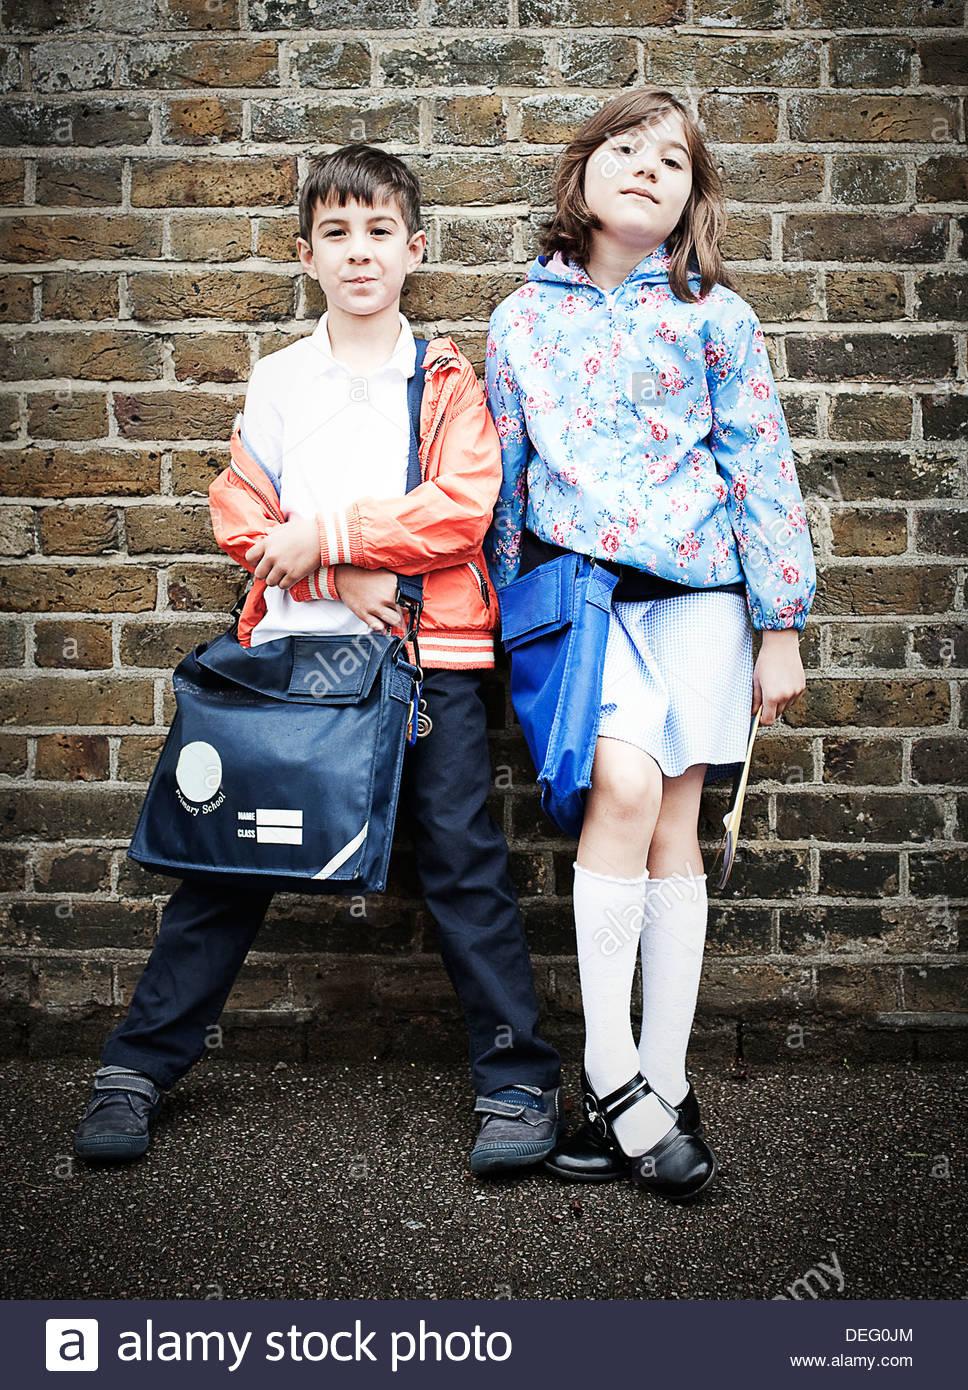 Chico y chica de pie delante de la pared de ladrillo con mochilas escolares Imagen De Stock